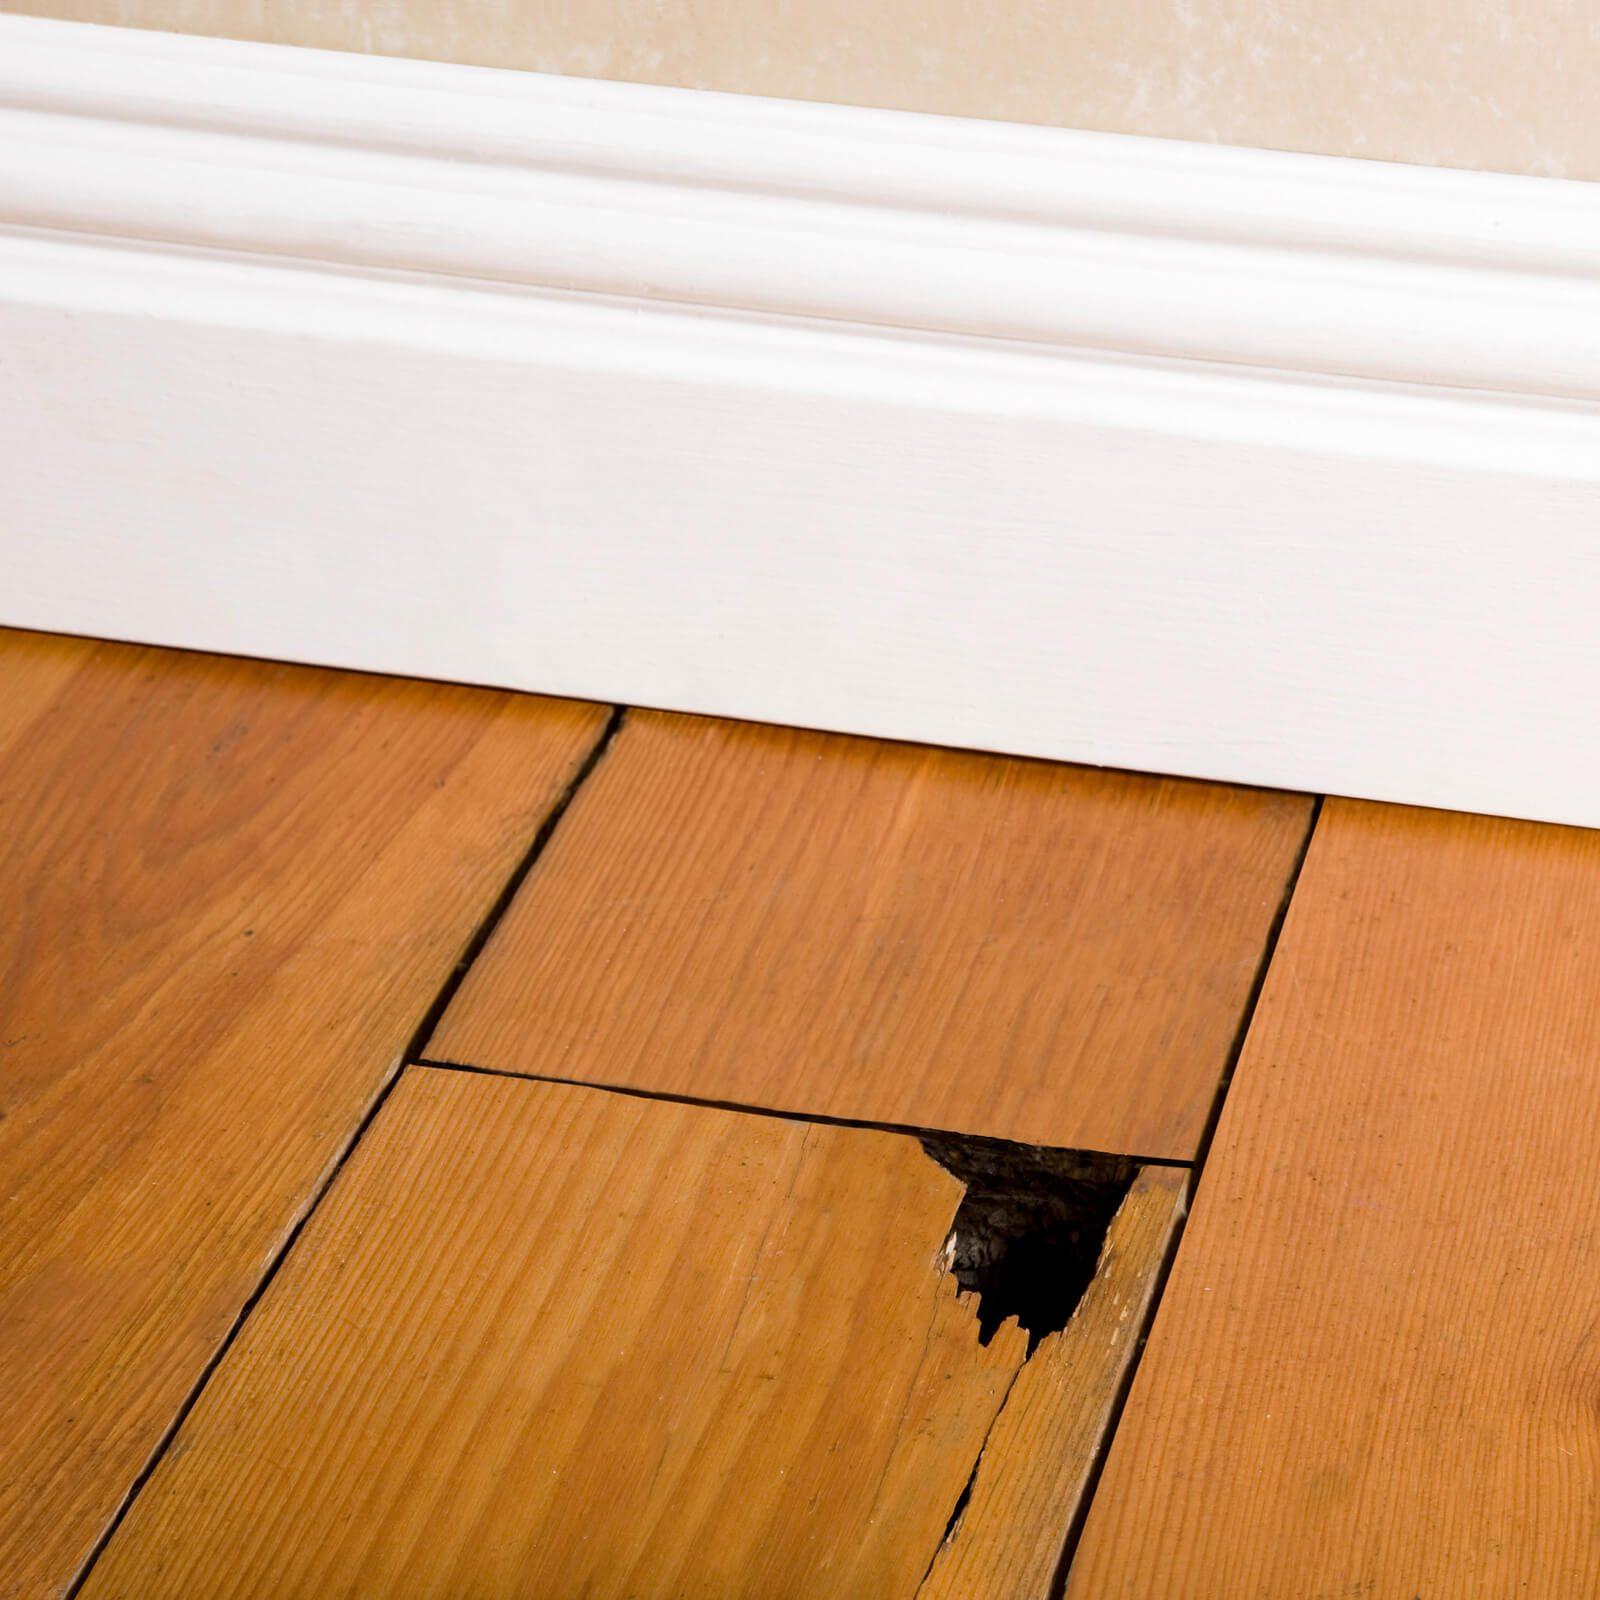 Hardwood repair | Assured Flooring